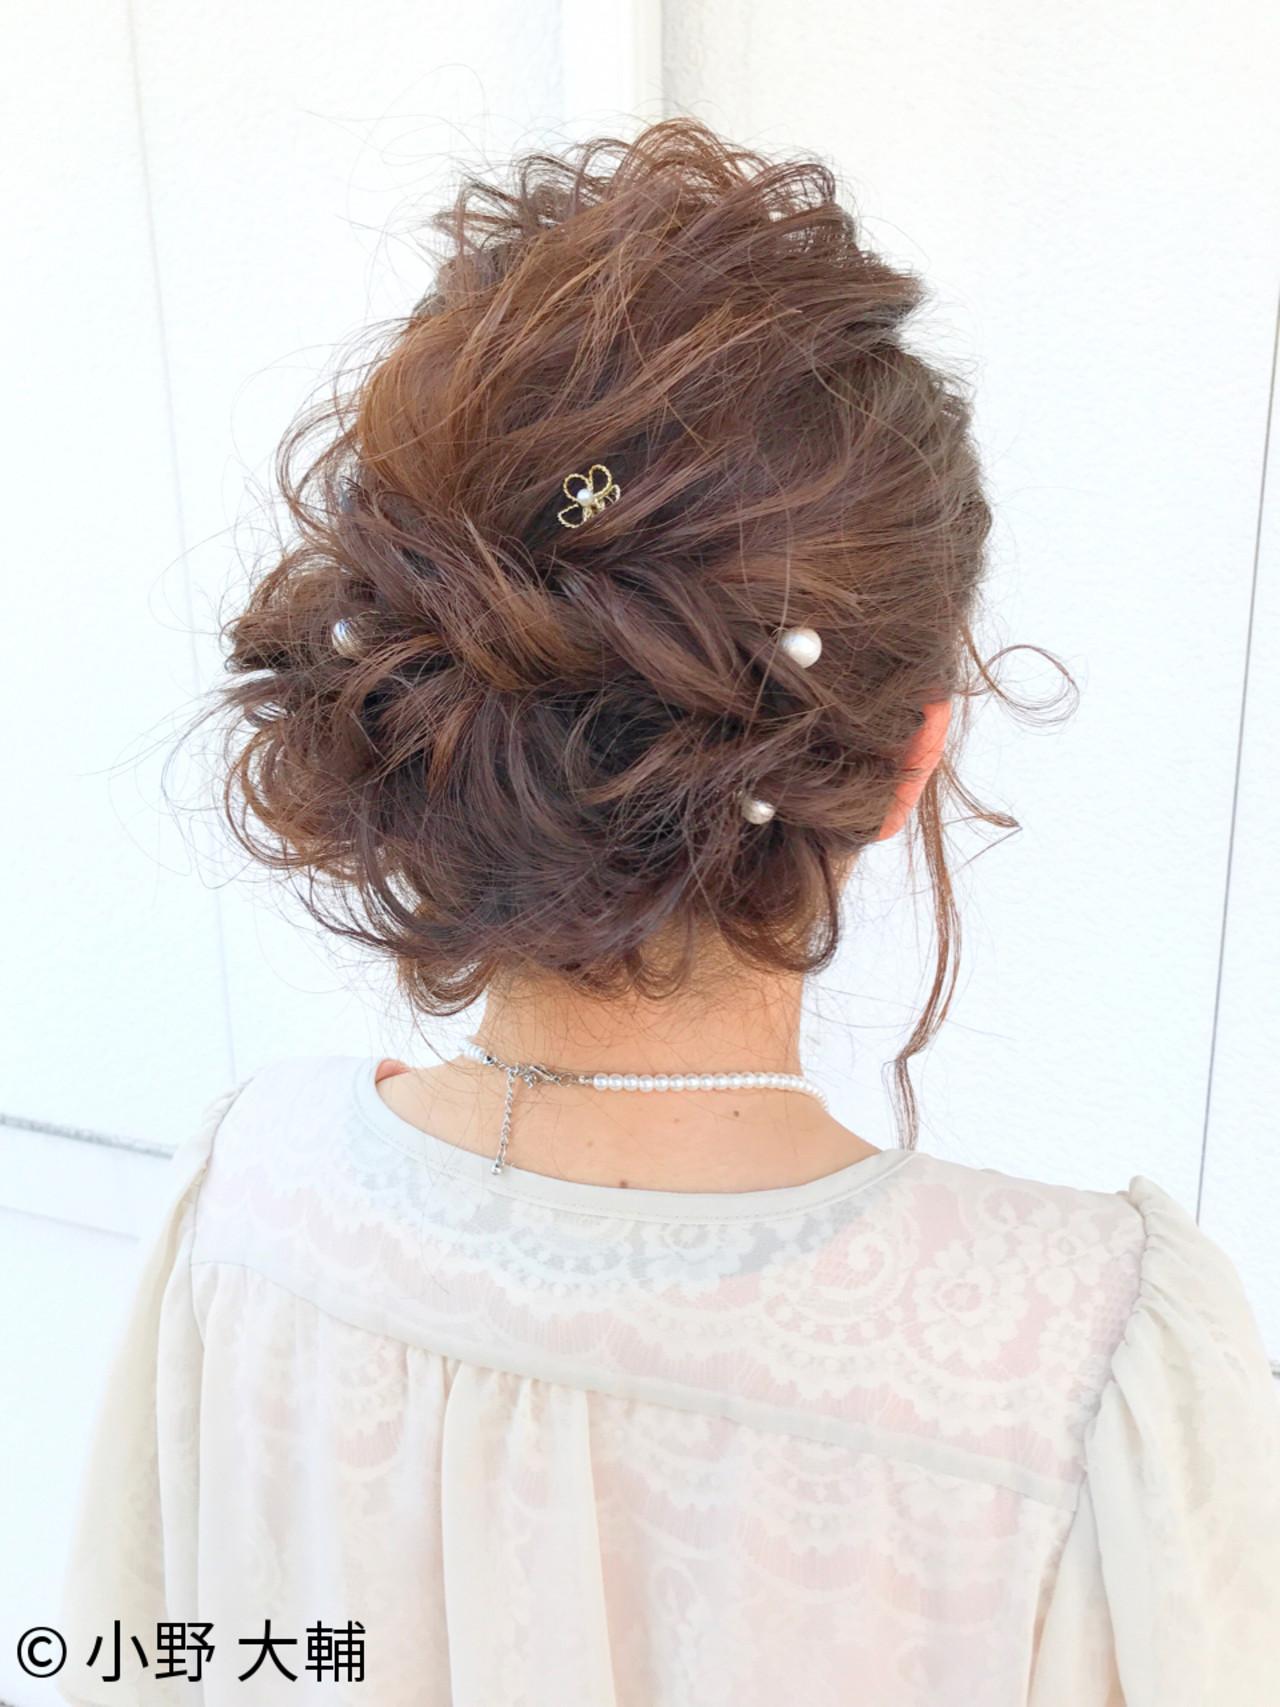 ナチュラル 結婚式 ヘアアレンジ パーティ ヘアスタイルや髪型の写真・画像